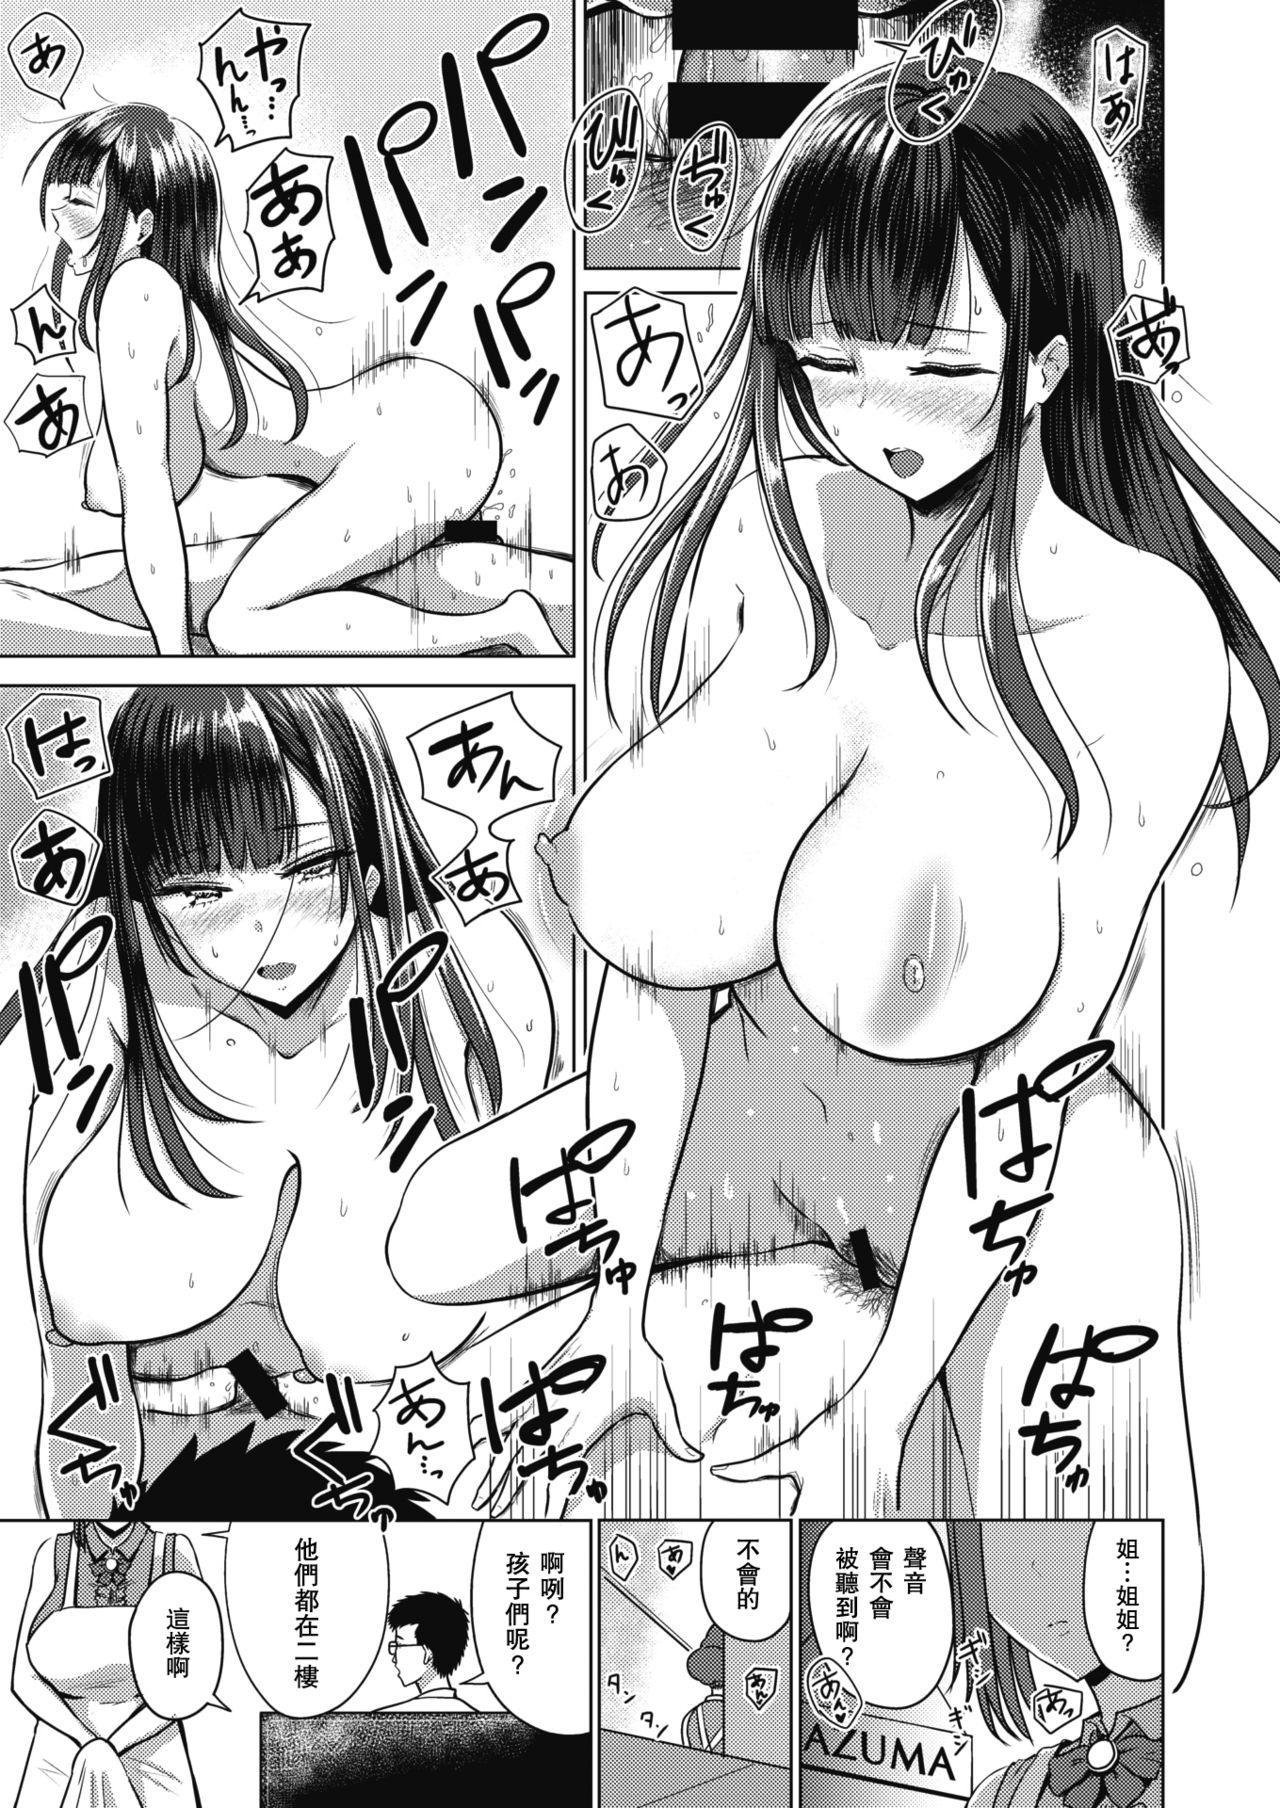 Akarui Kazoku Seikatsu Ane Ichika Hen 12